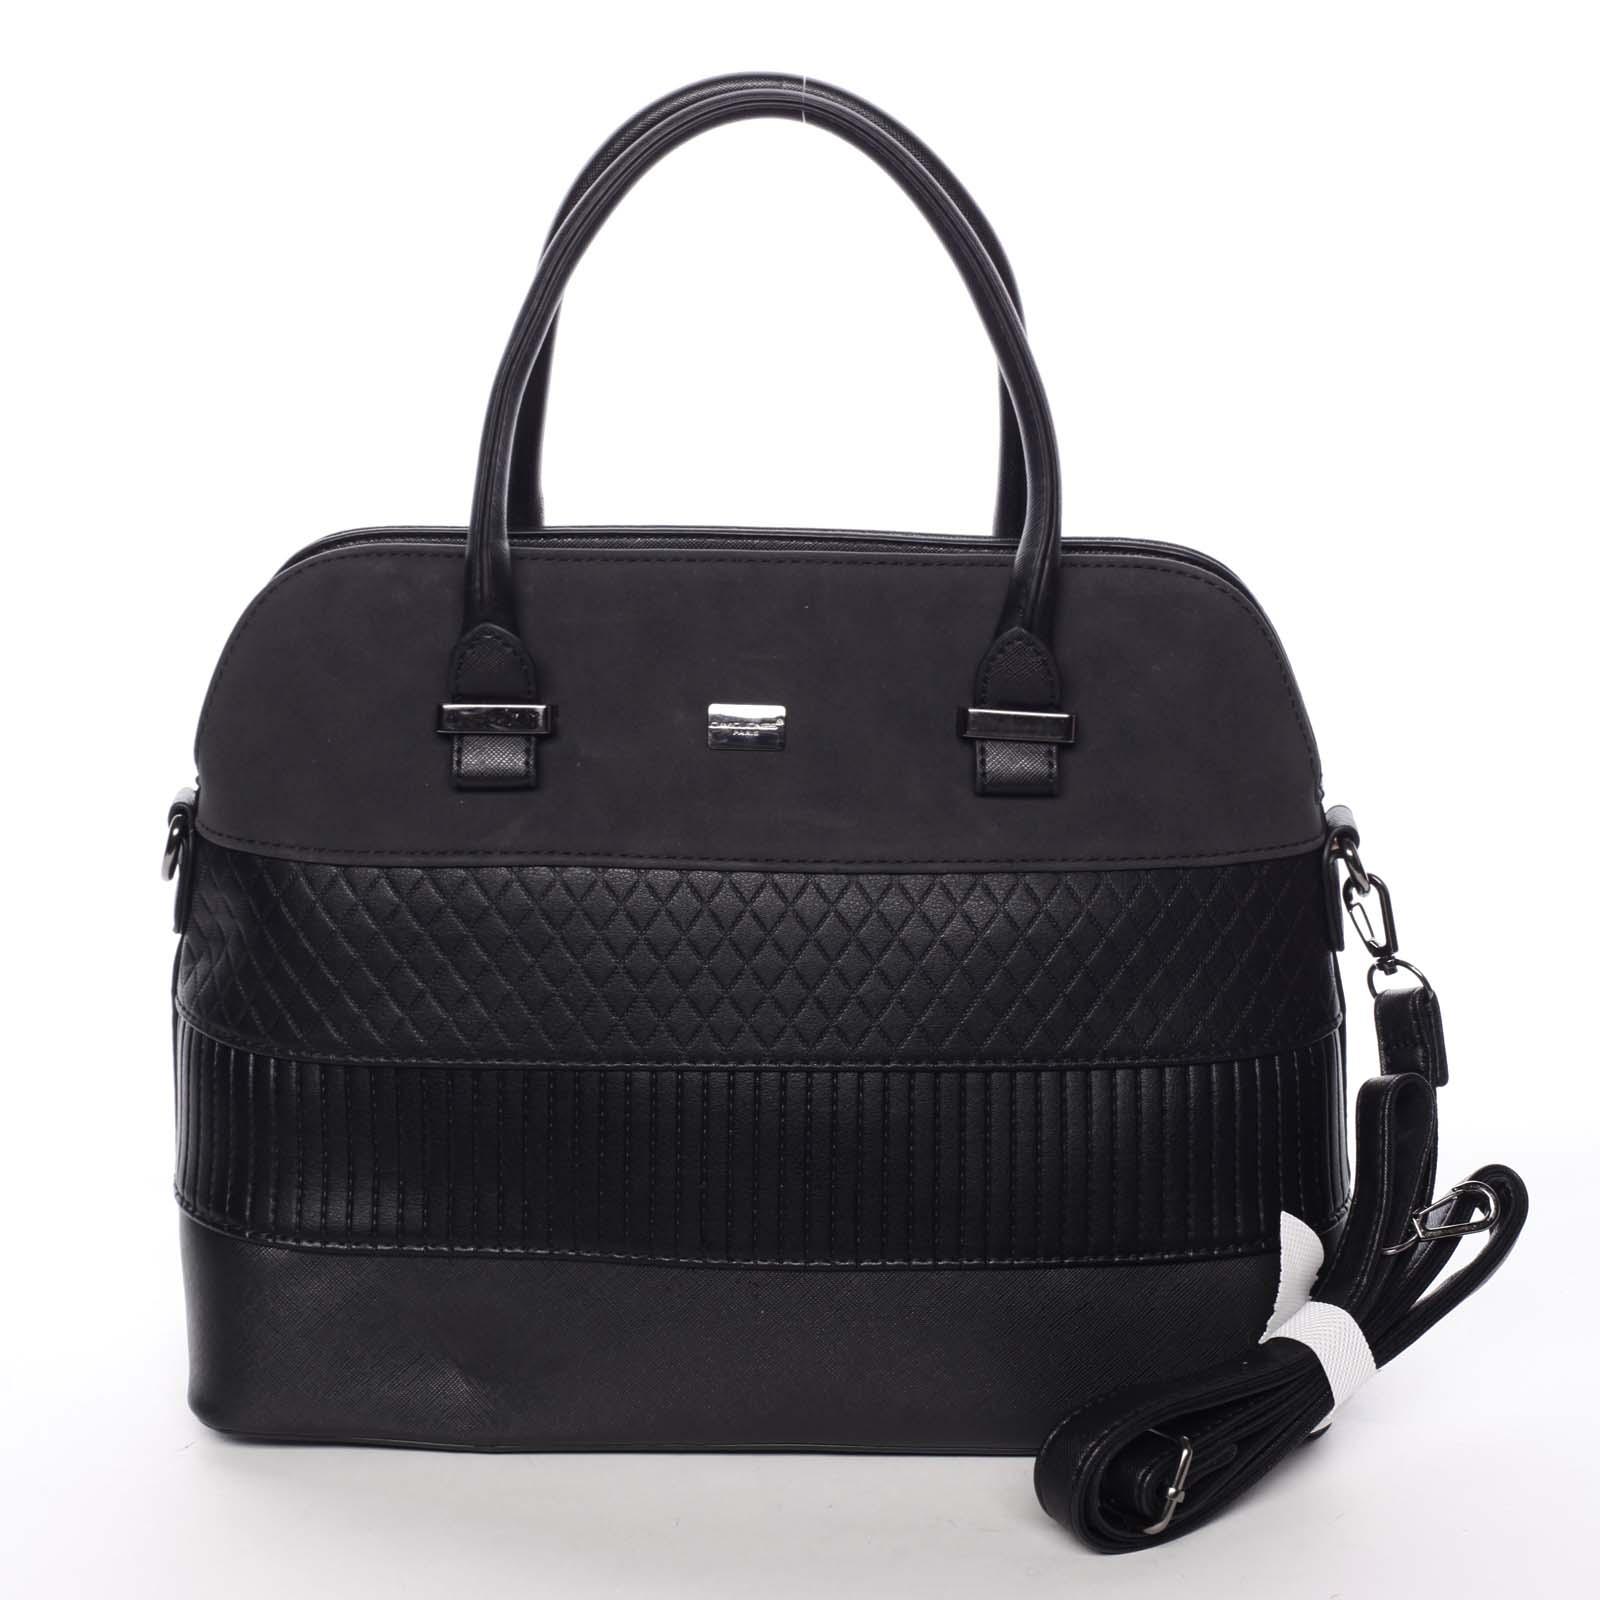 Exkluzívna dámska čierna pevná kabelka do ruky - David Jones Agape čierna